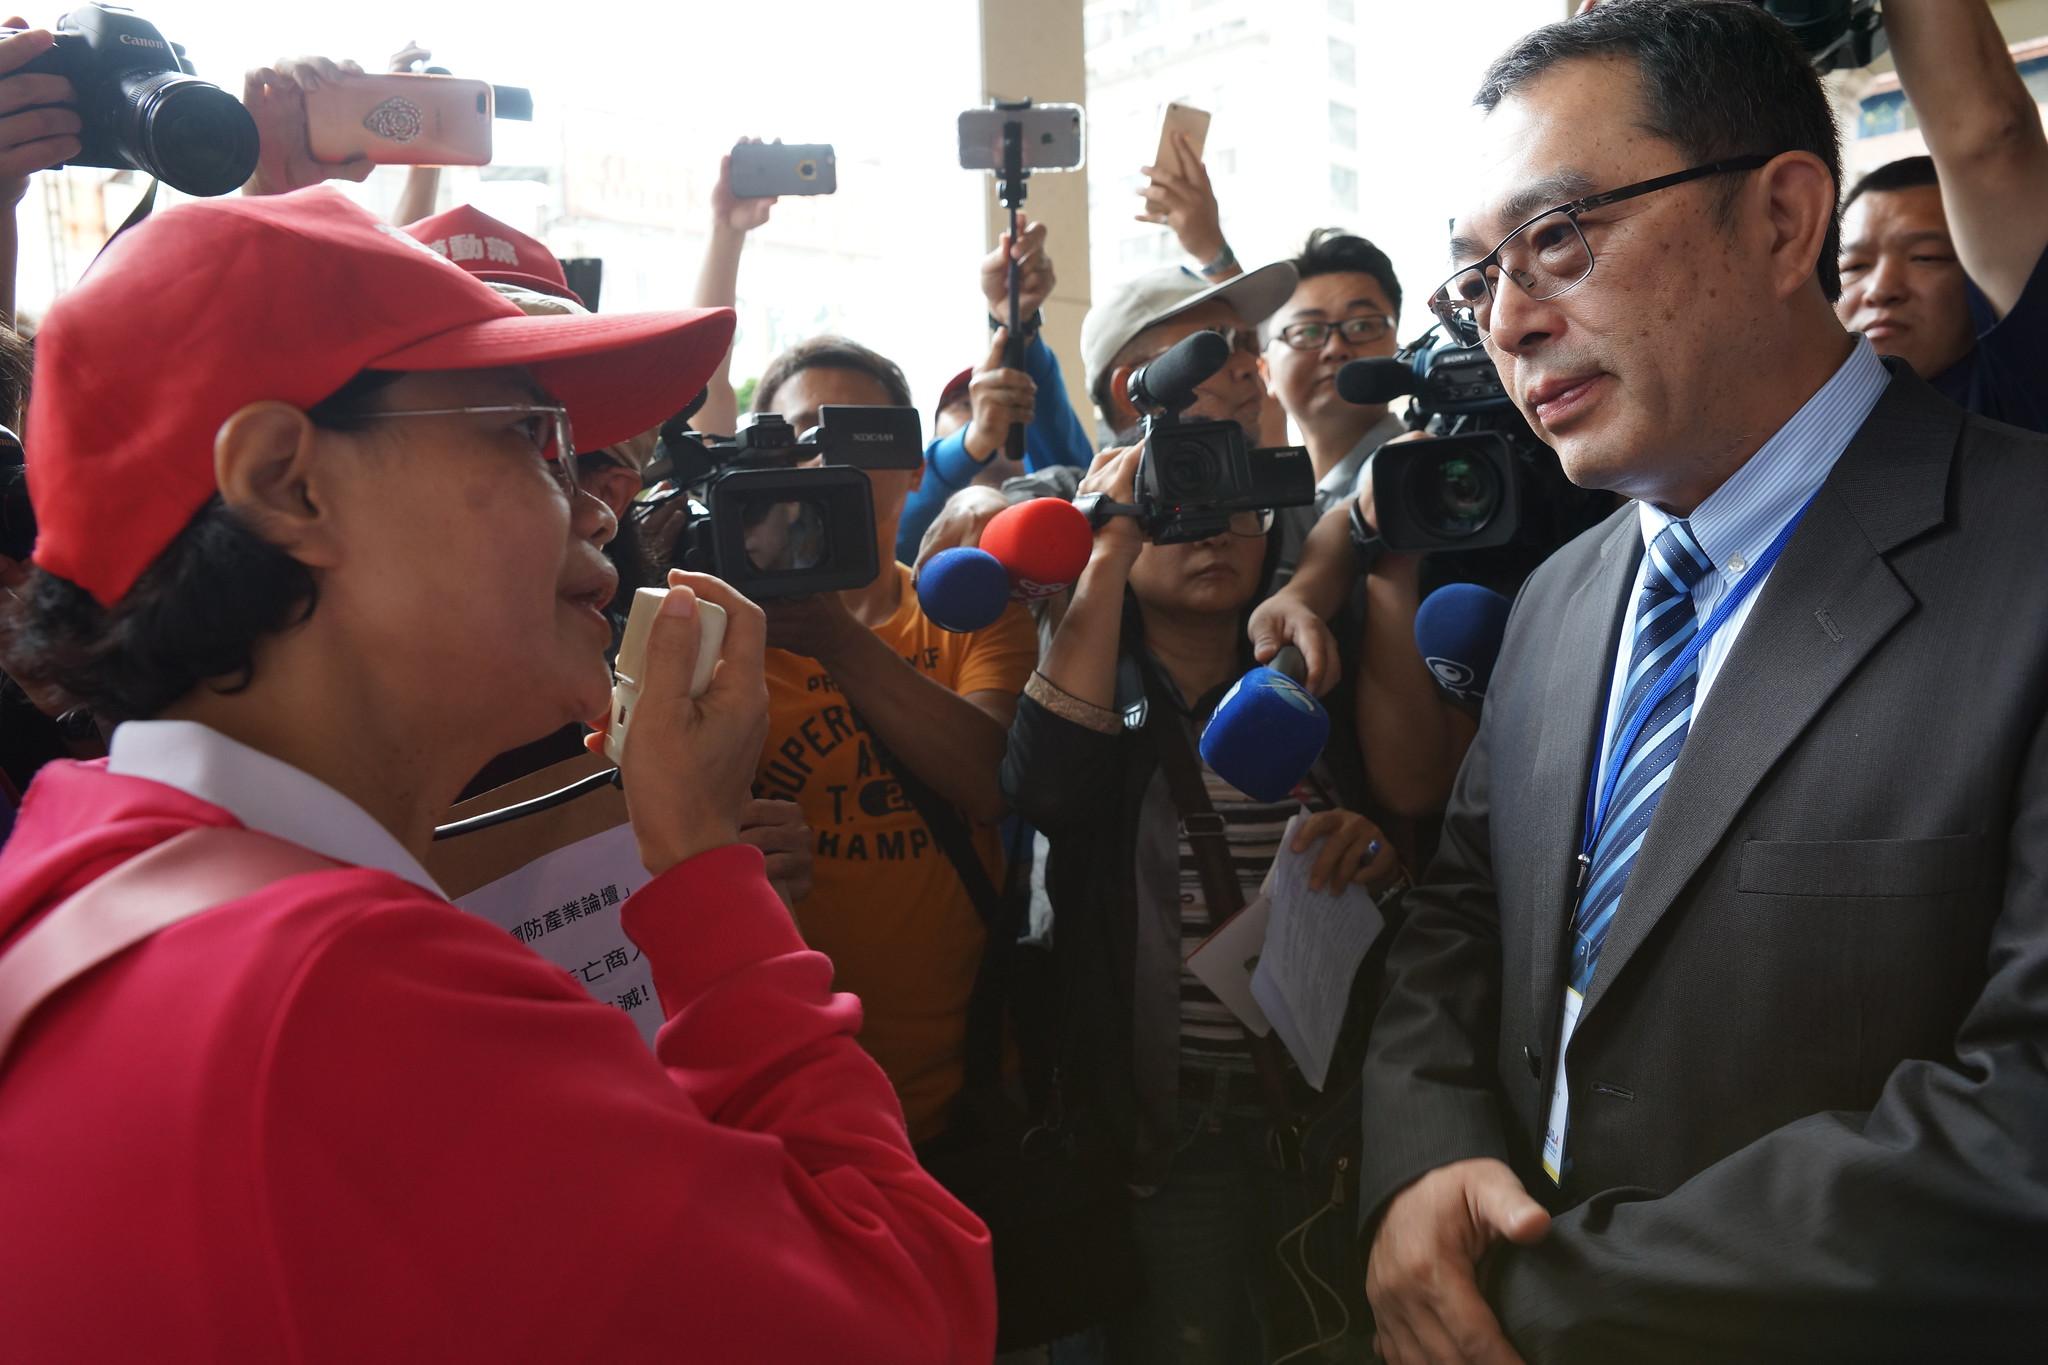 台灣國防產業發展協會秘書長朱旭明(右)出面接受陳情。(攝影:王顥中)